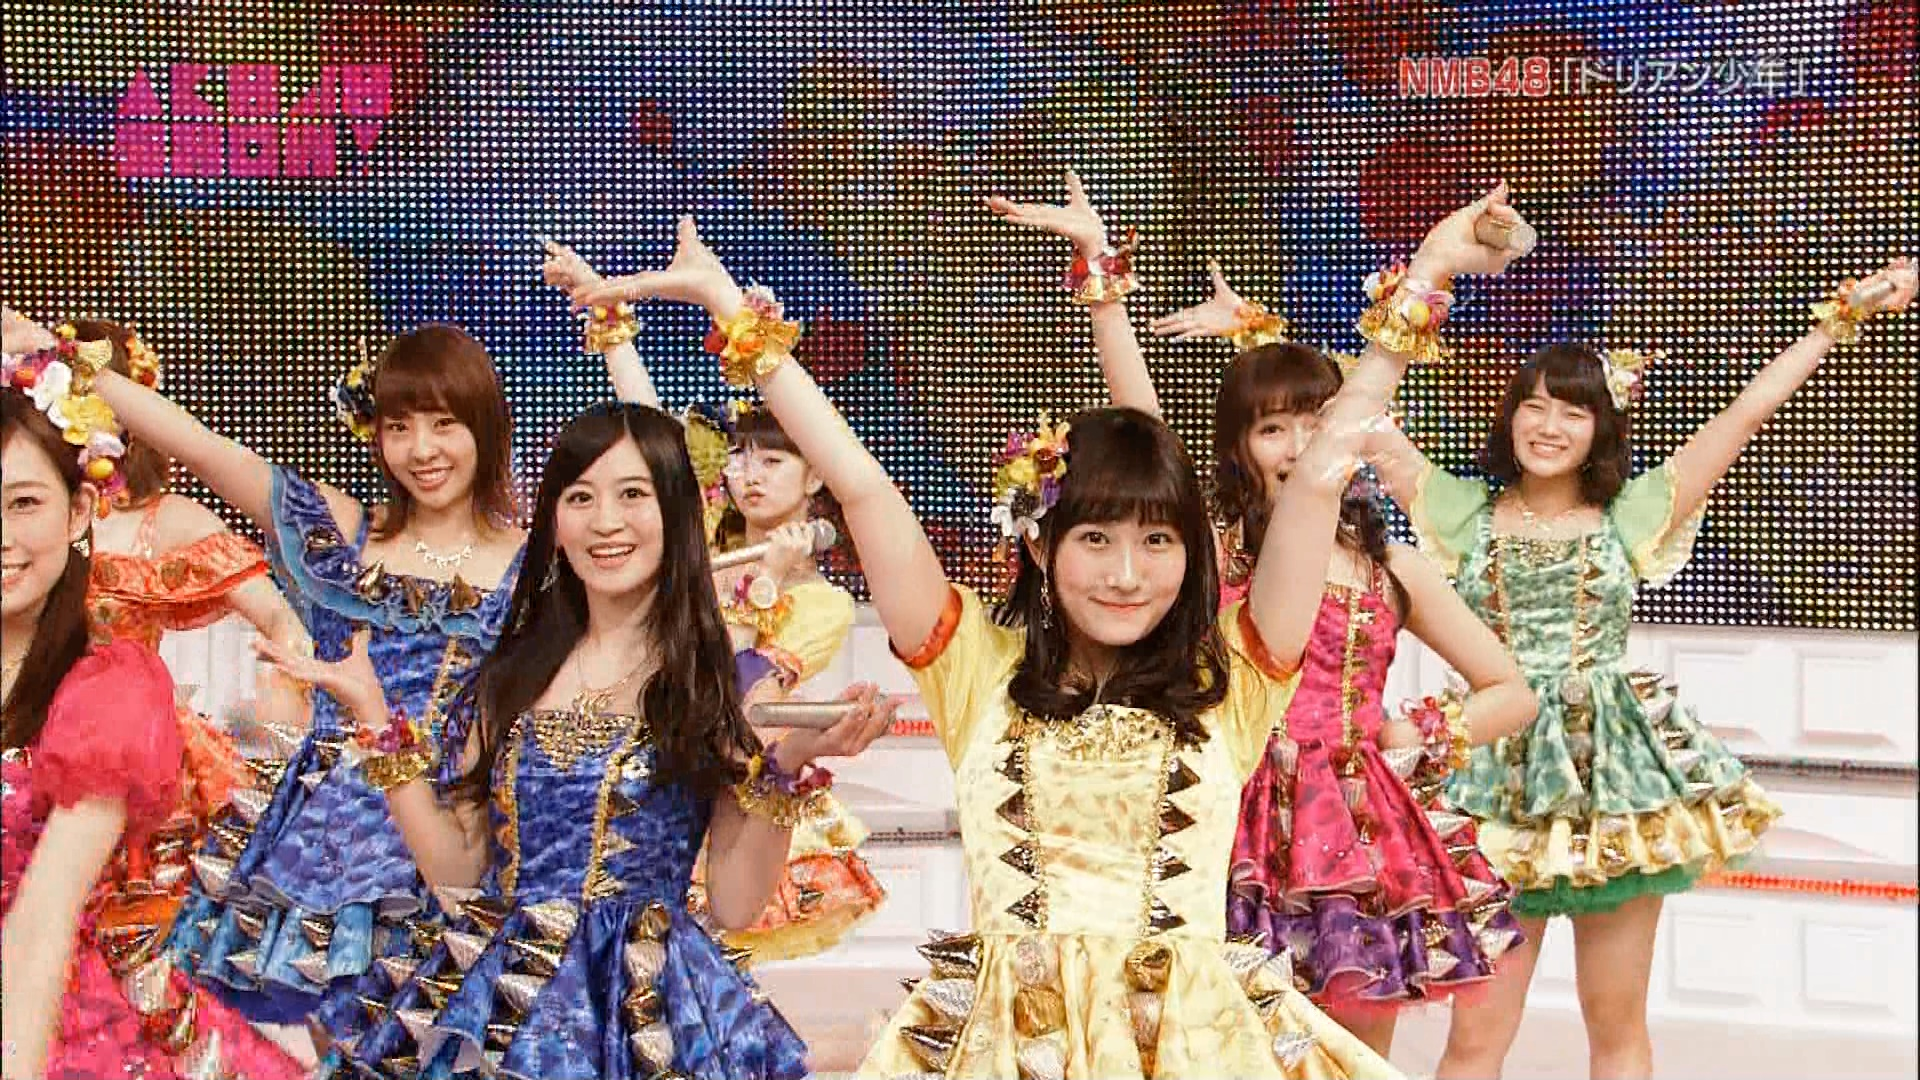 矢倉楓子 NMB48ドリアン少年 AKB48SHOW20150613 (10)